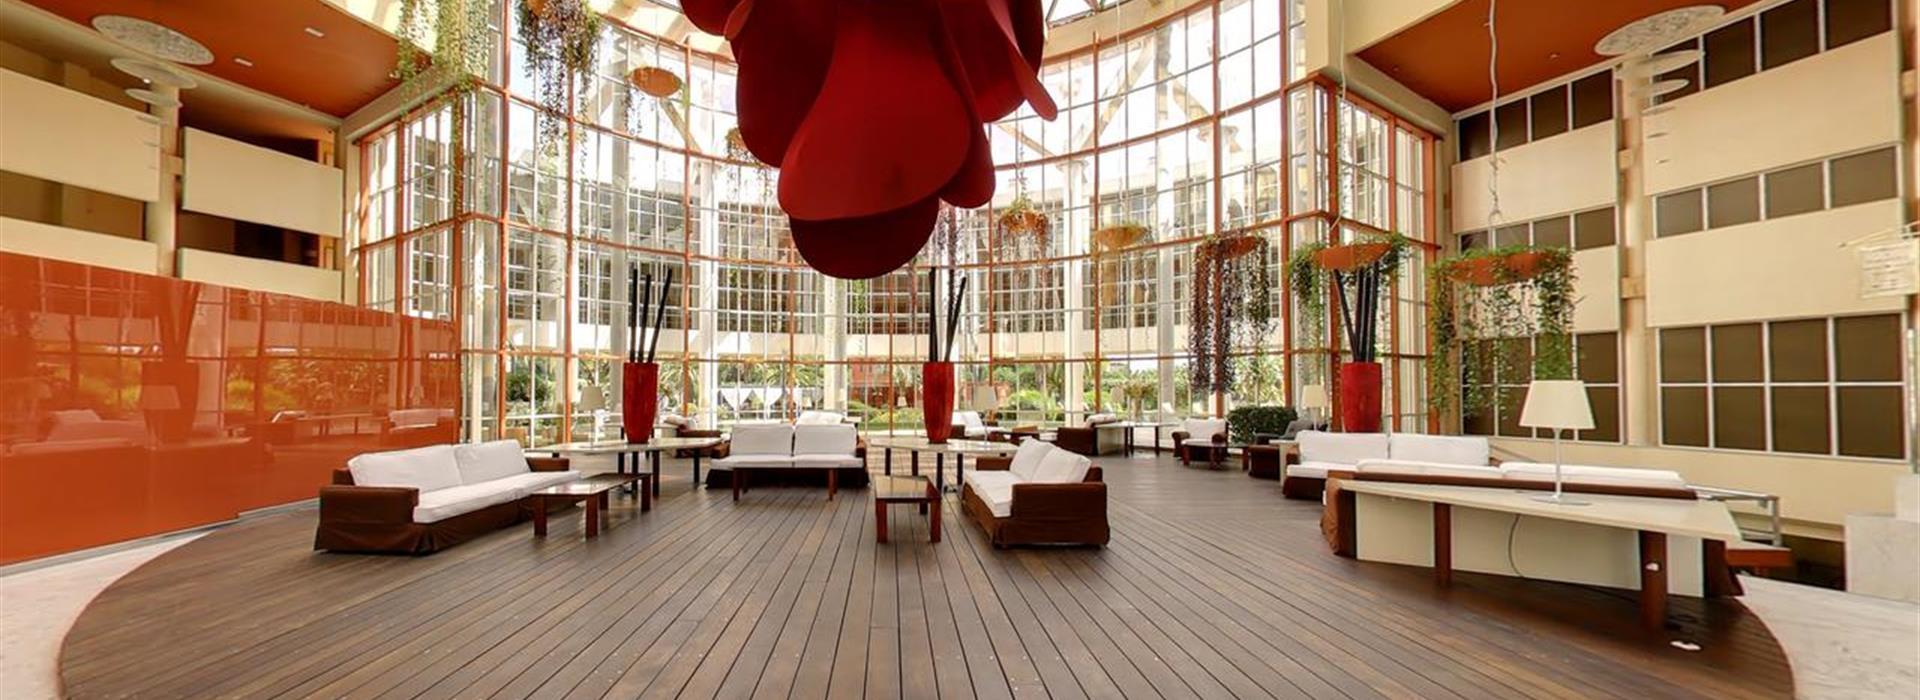 hotel-silken-al-andalus